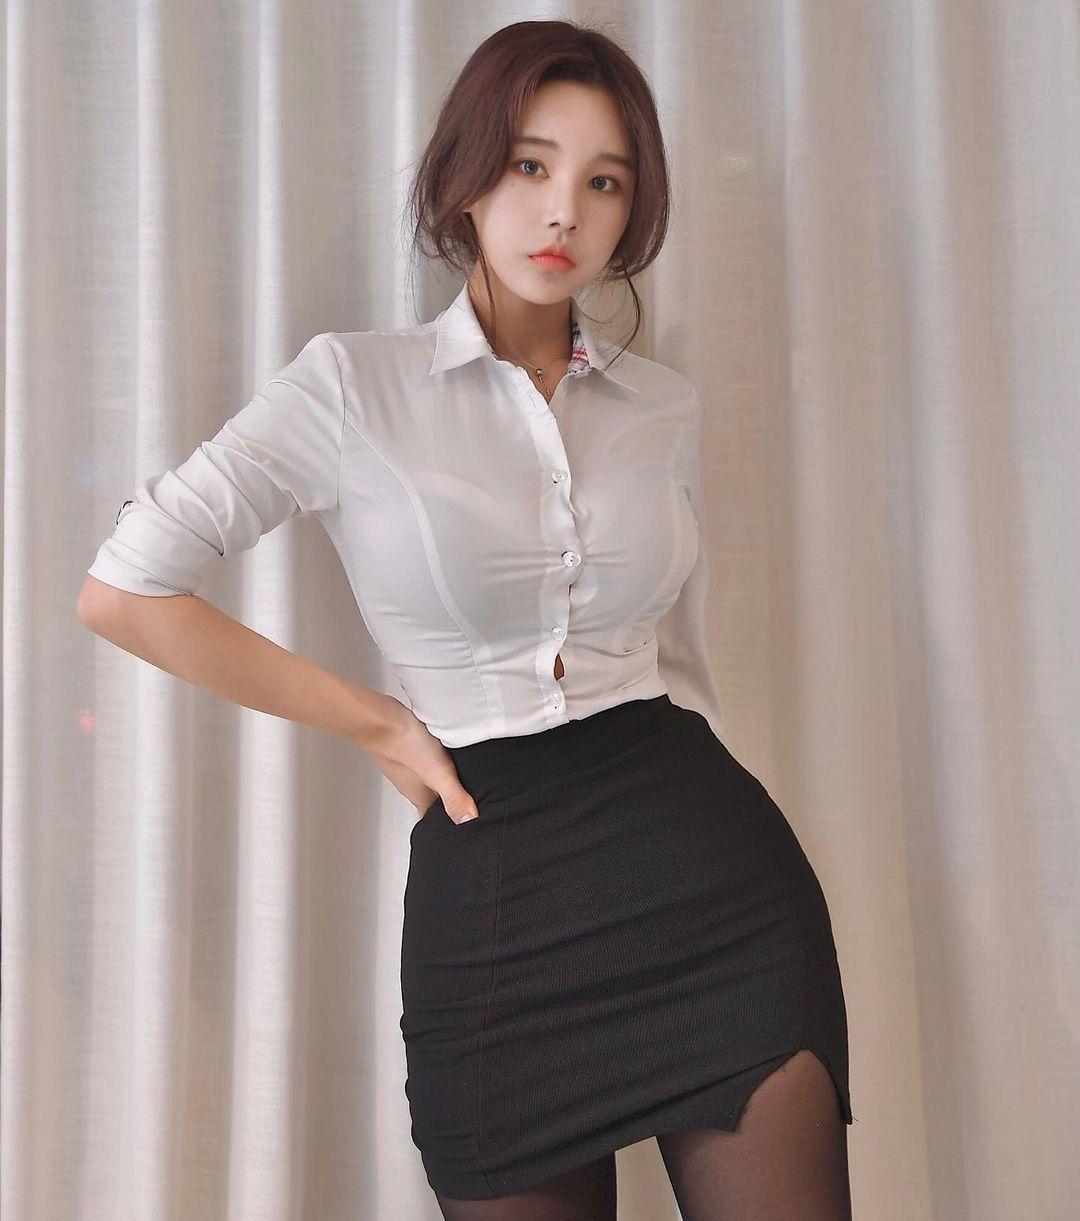 韩国网红美女zzyuridayo苗条身材OL制服太诱人 吃瓜基地 第2张